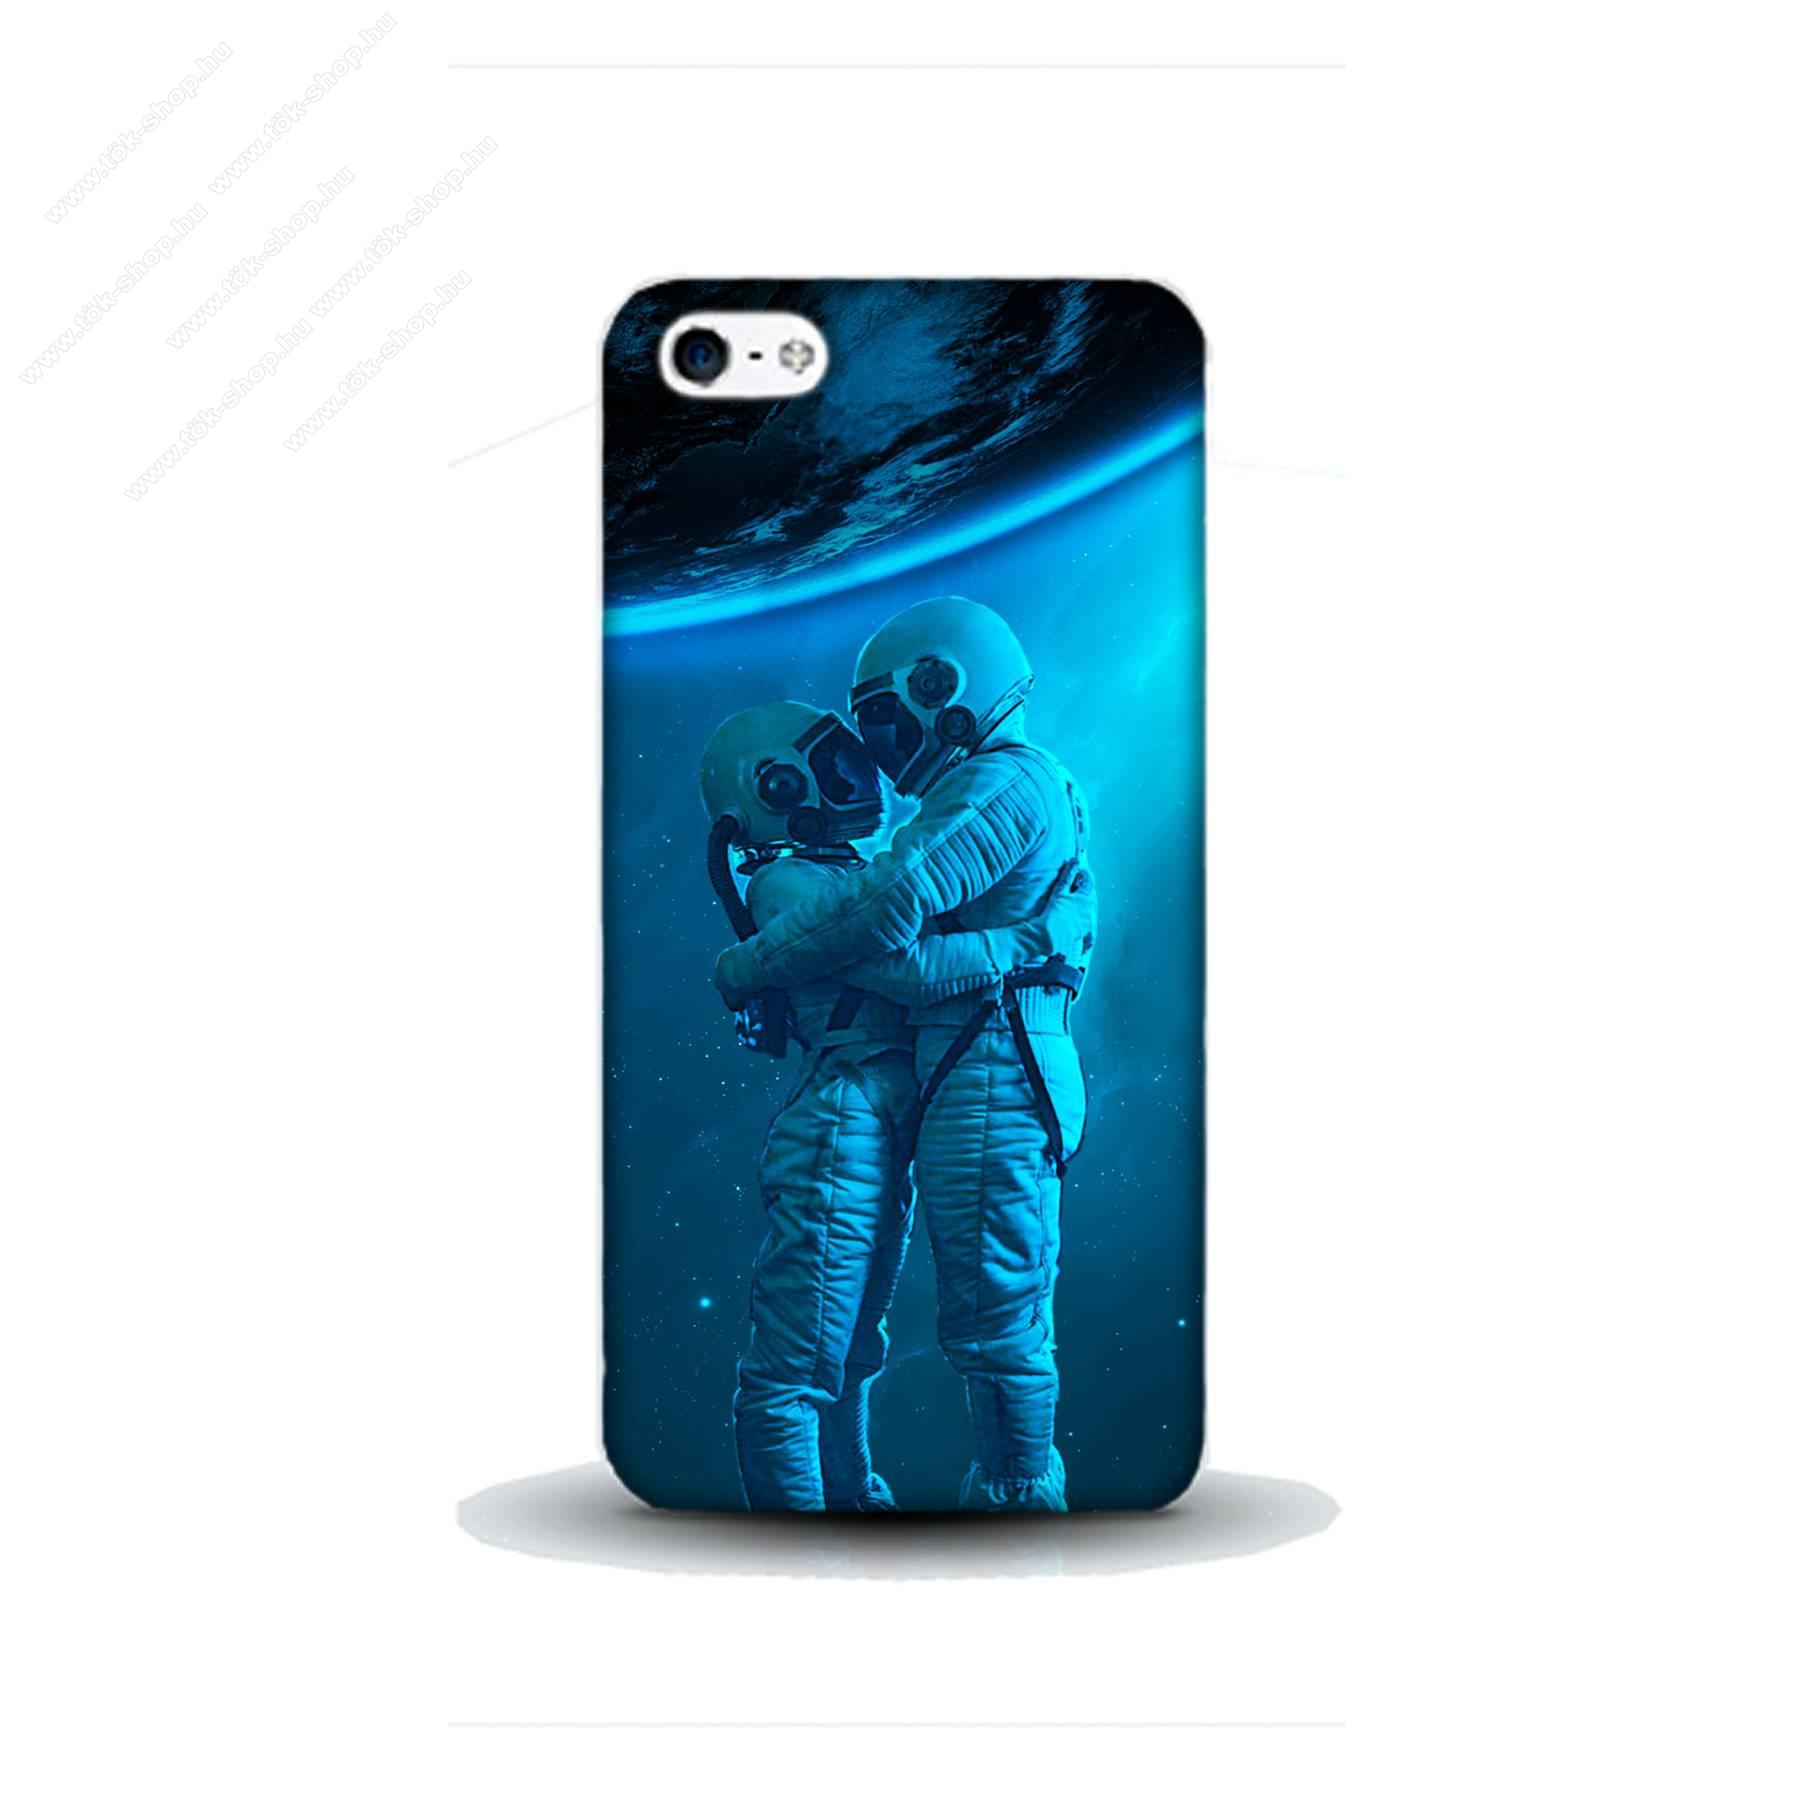 E-pic szilikon védő tok / hátlap - Szerelmes űrhajós pár mintás - APPLE IPhone 5